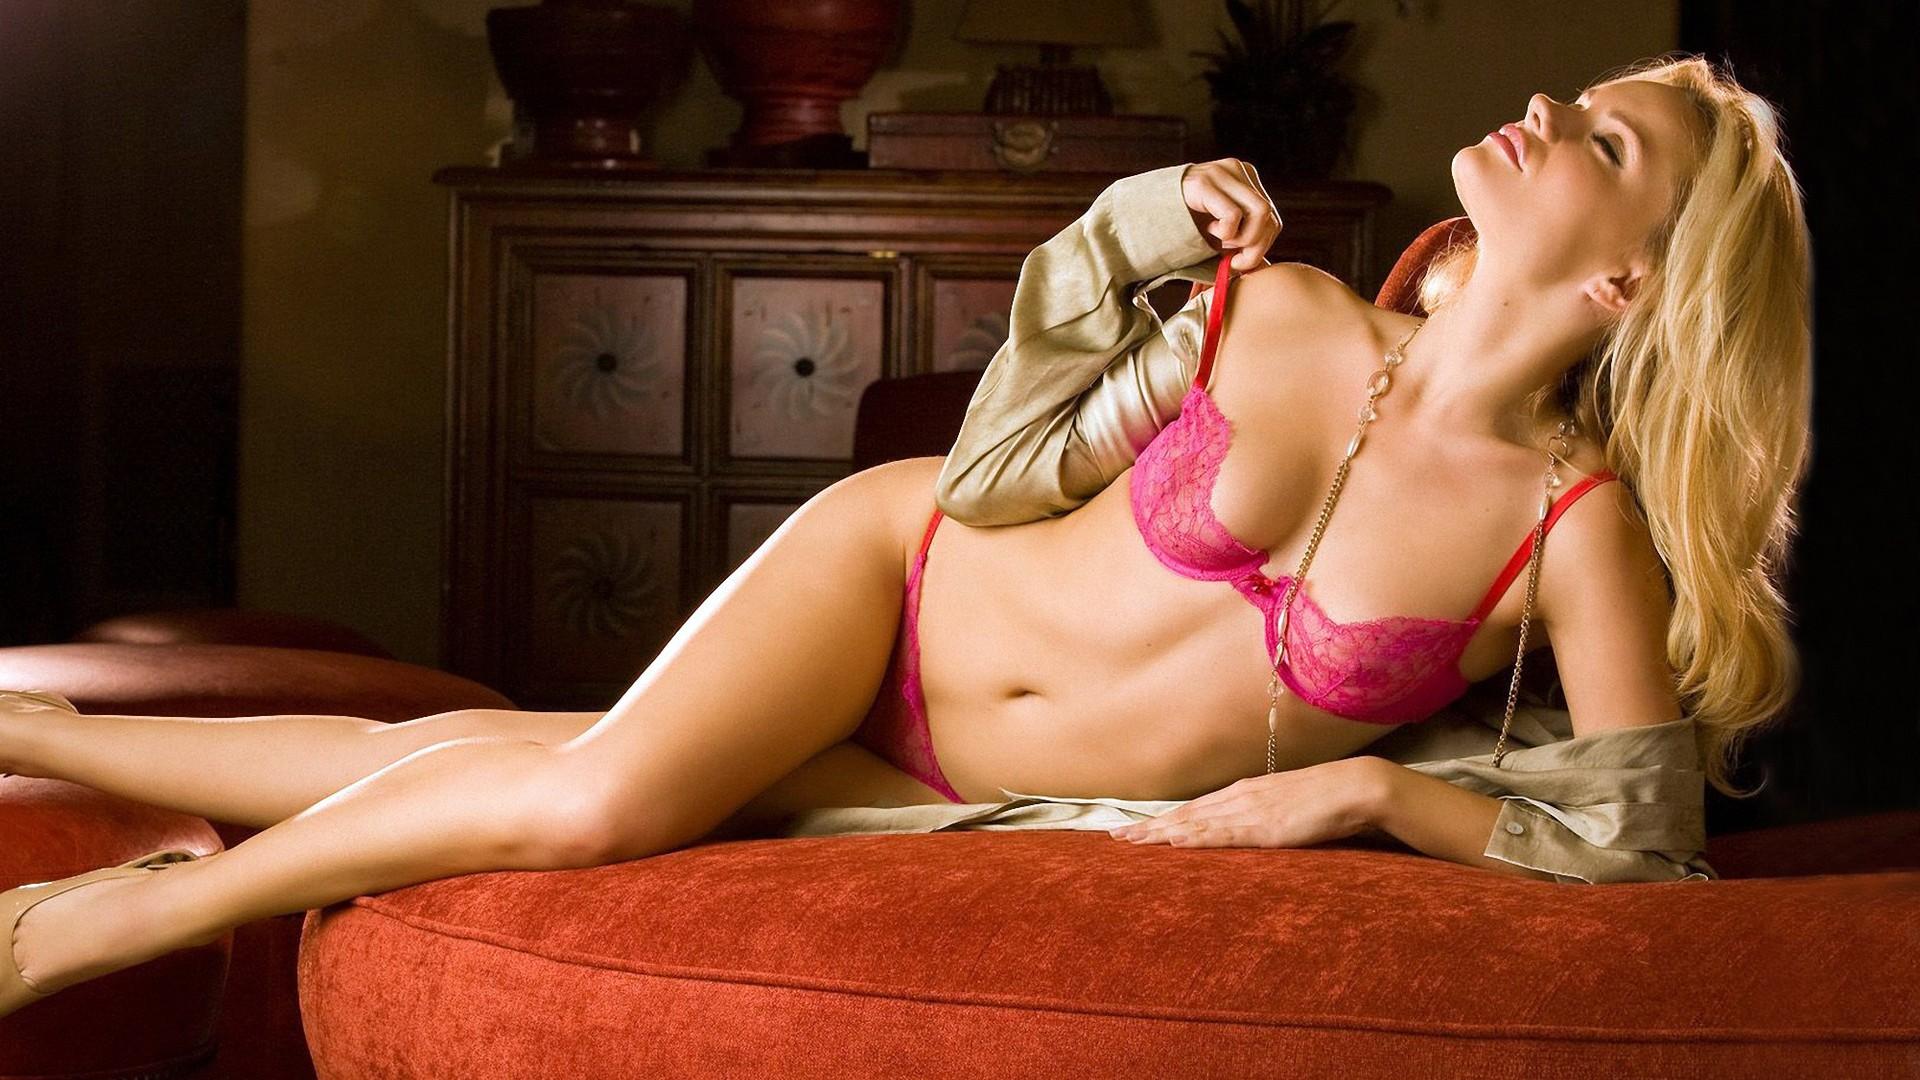 Блондинка В Розовом Эротическое Фото